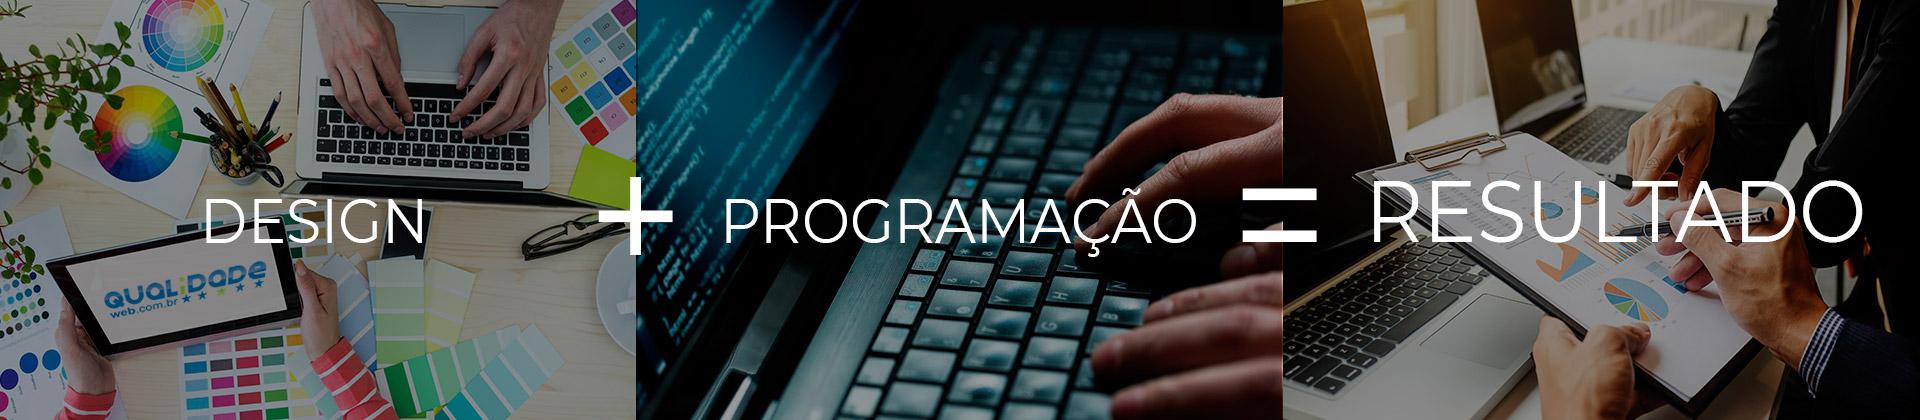 Design + Programação = Resultado